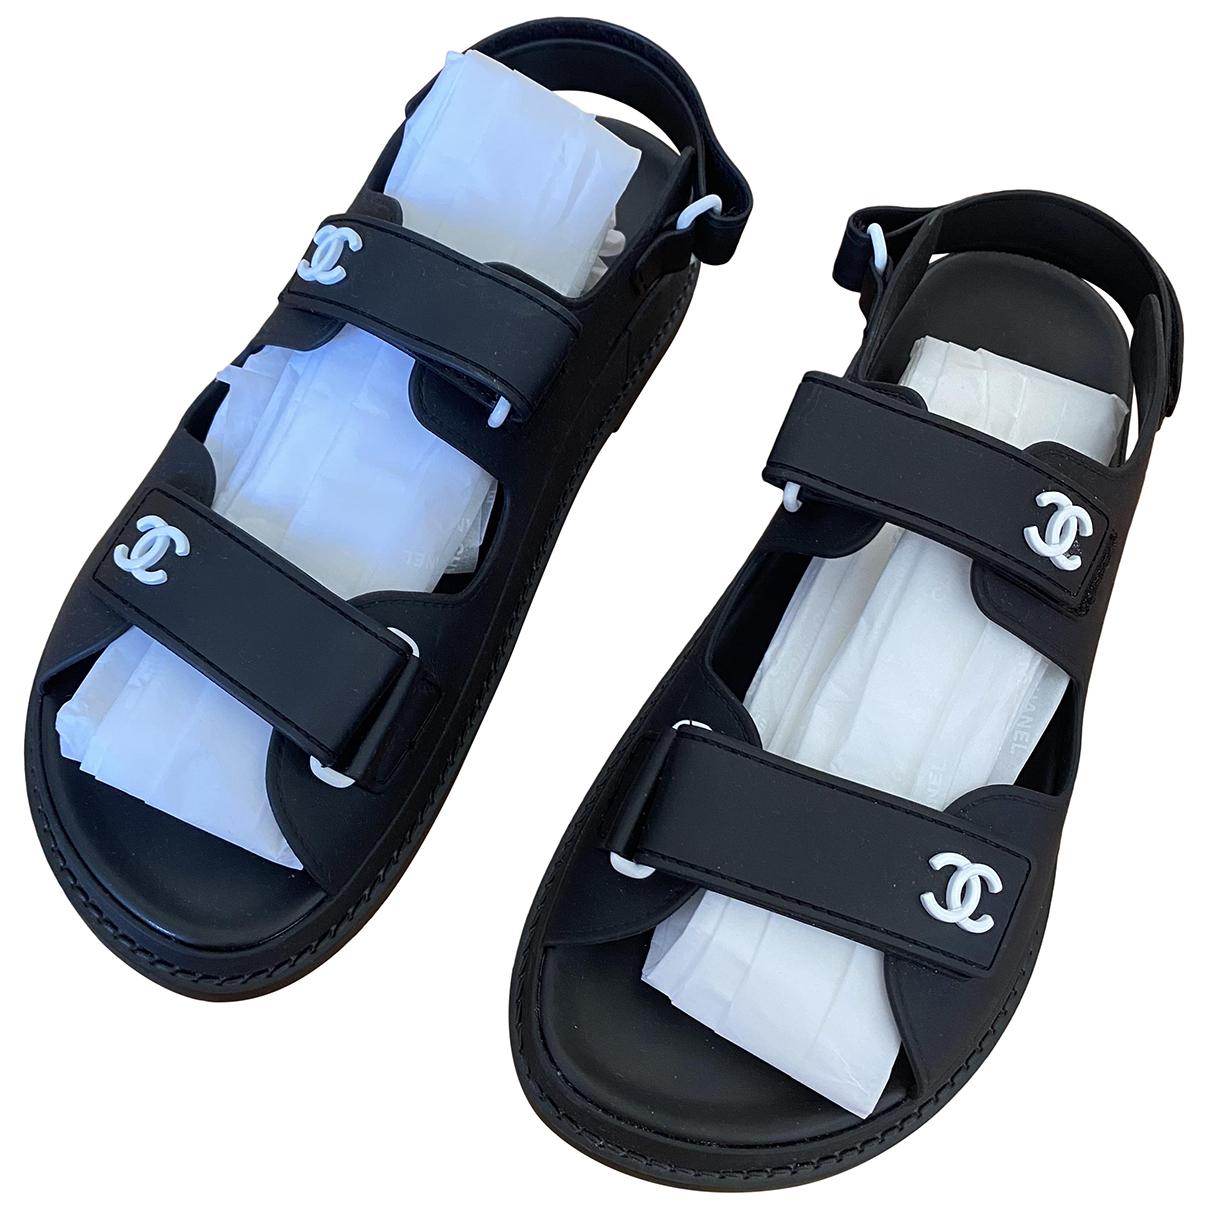 Chanel - Sandales Dad Sandals pour femme en caoutchouc - noir